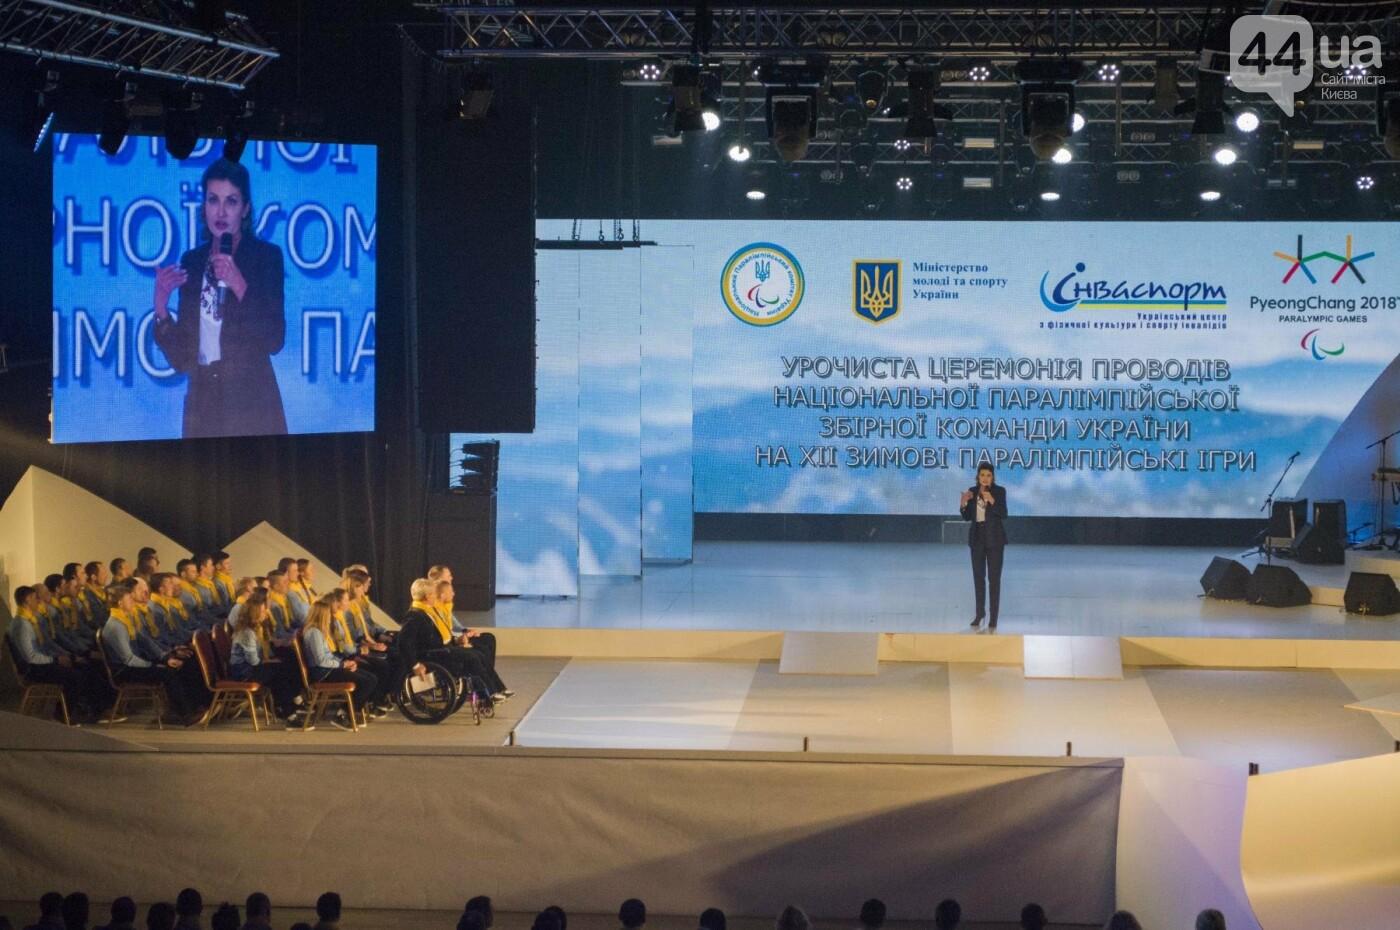 Первая леди, министры и звезды: как провожали украинских паралимпийцев в Южную Корею, фото-5